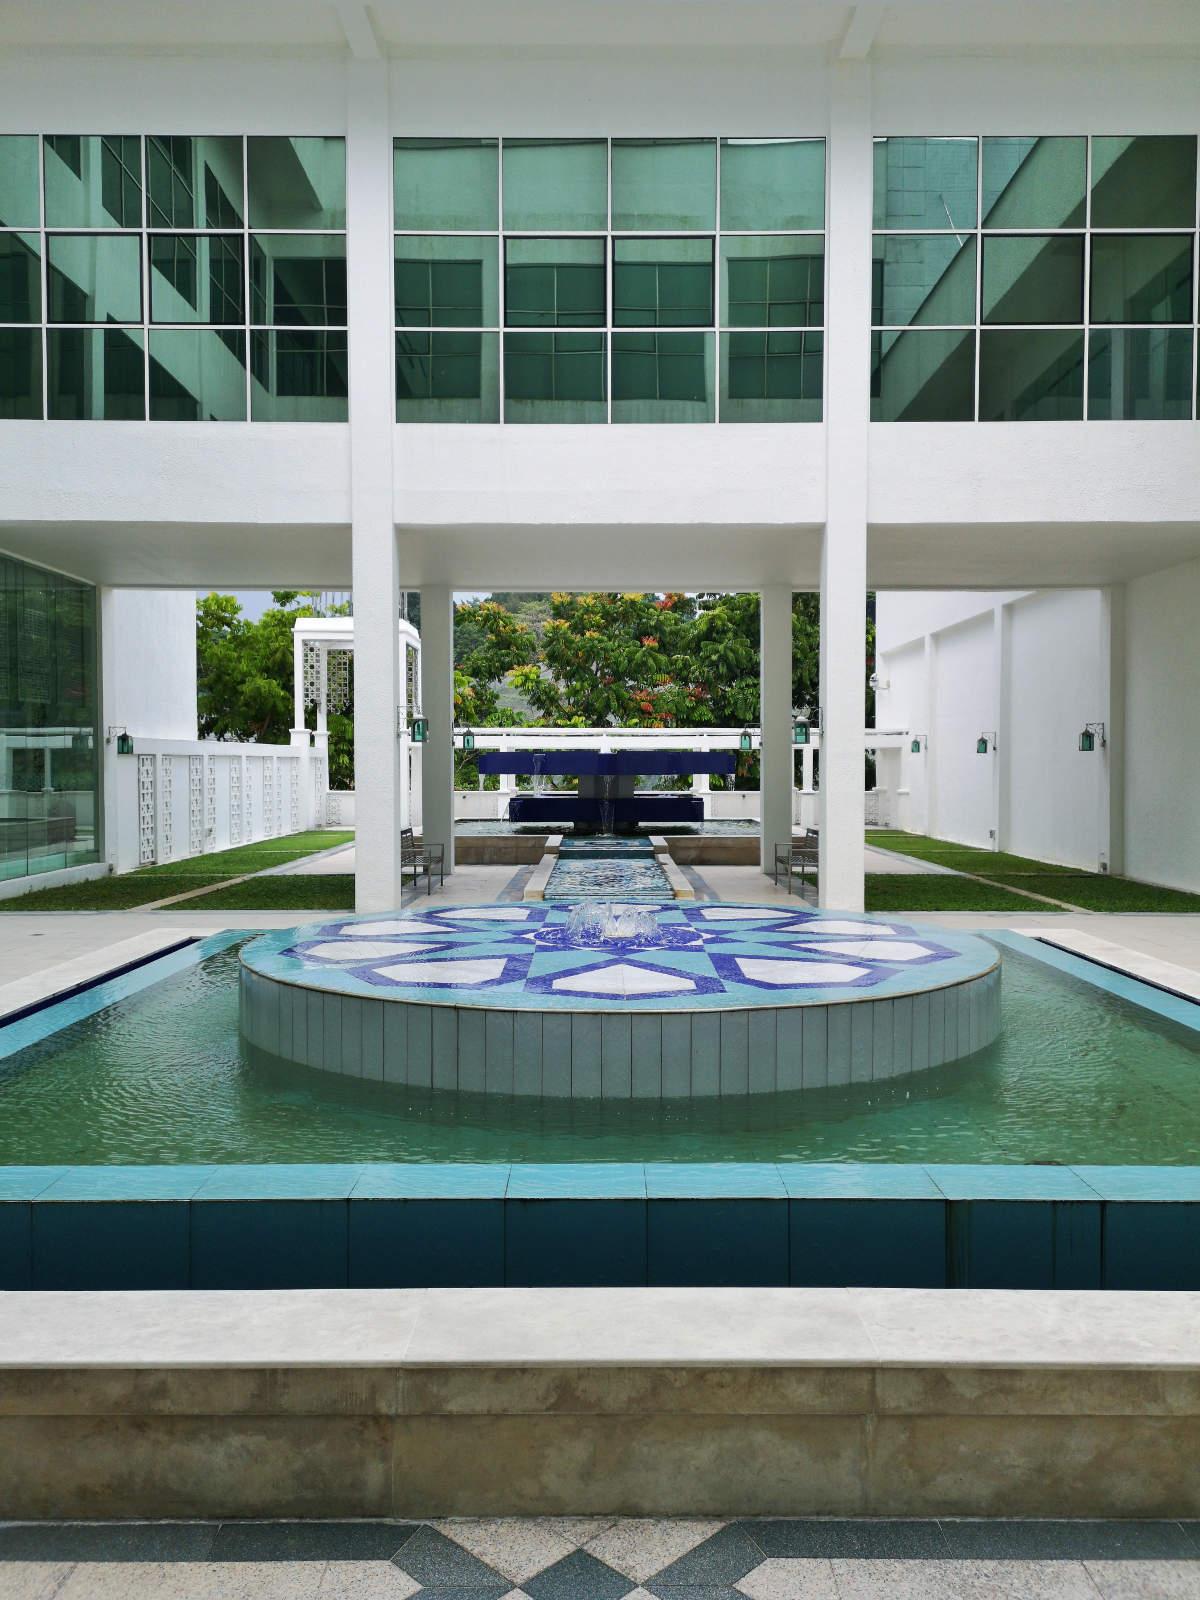 Das Islamic Arts Museum in Kuala Lumpur hat eine wunderschöne, geradlinie Architektur und bietet im Innenhof diesen wunderschönen großen Brunnen.